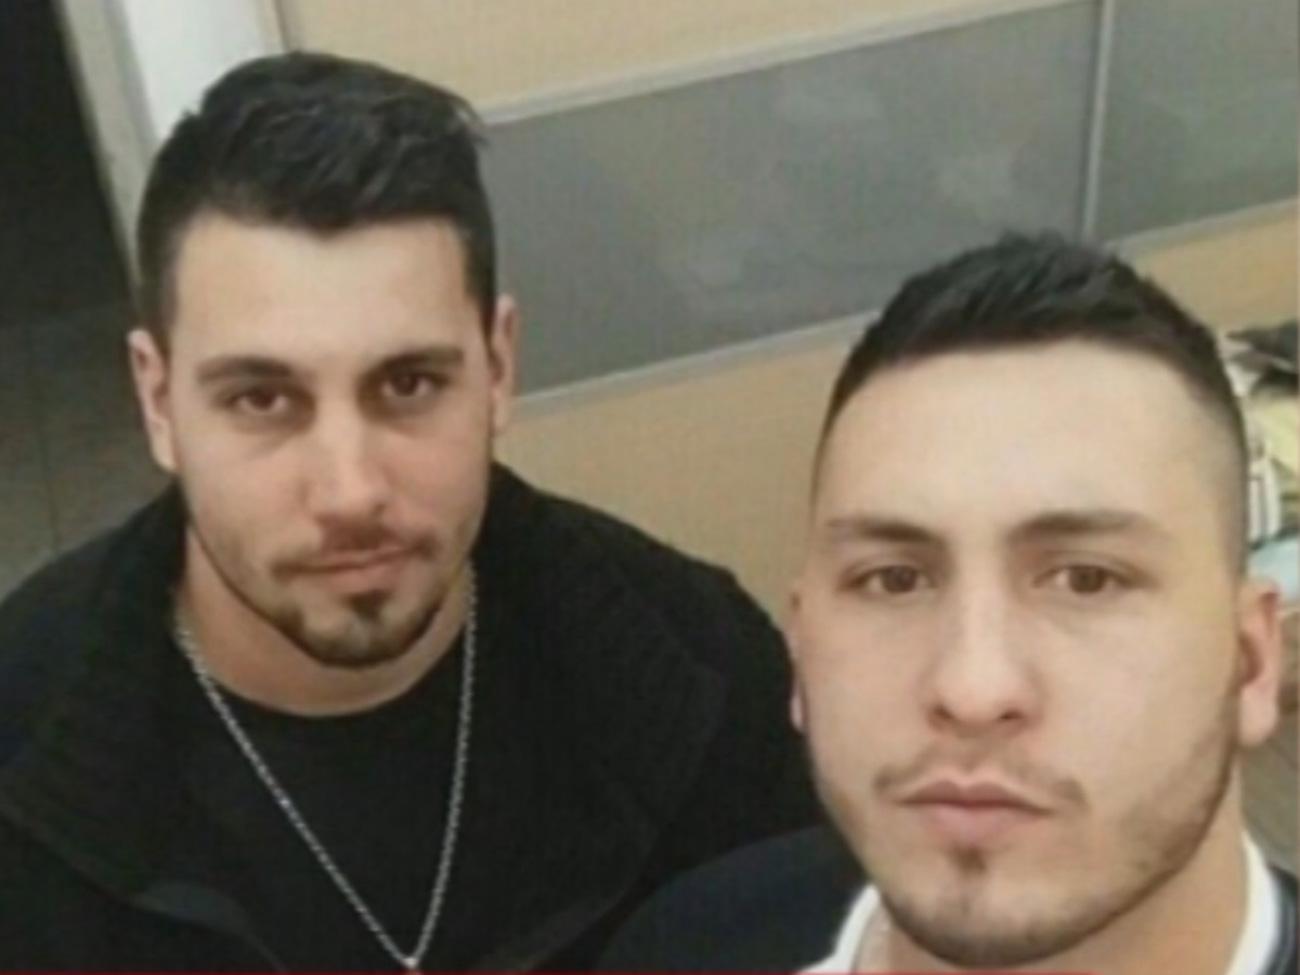 Ραγίζει καρδιές ο αδερφός του νεαρού που έπεσε για τον Σταυρό στα Θεοφάνια και τραυματίστηκε σοβαρά